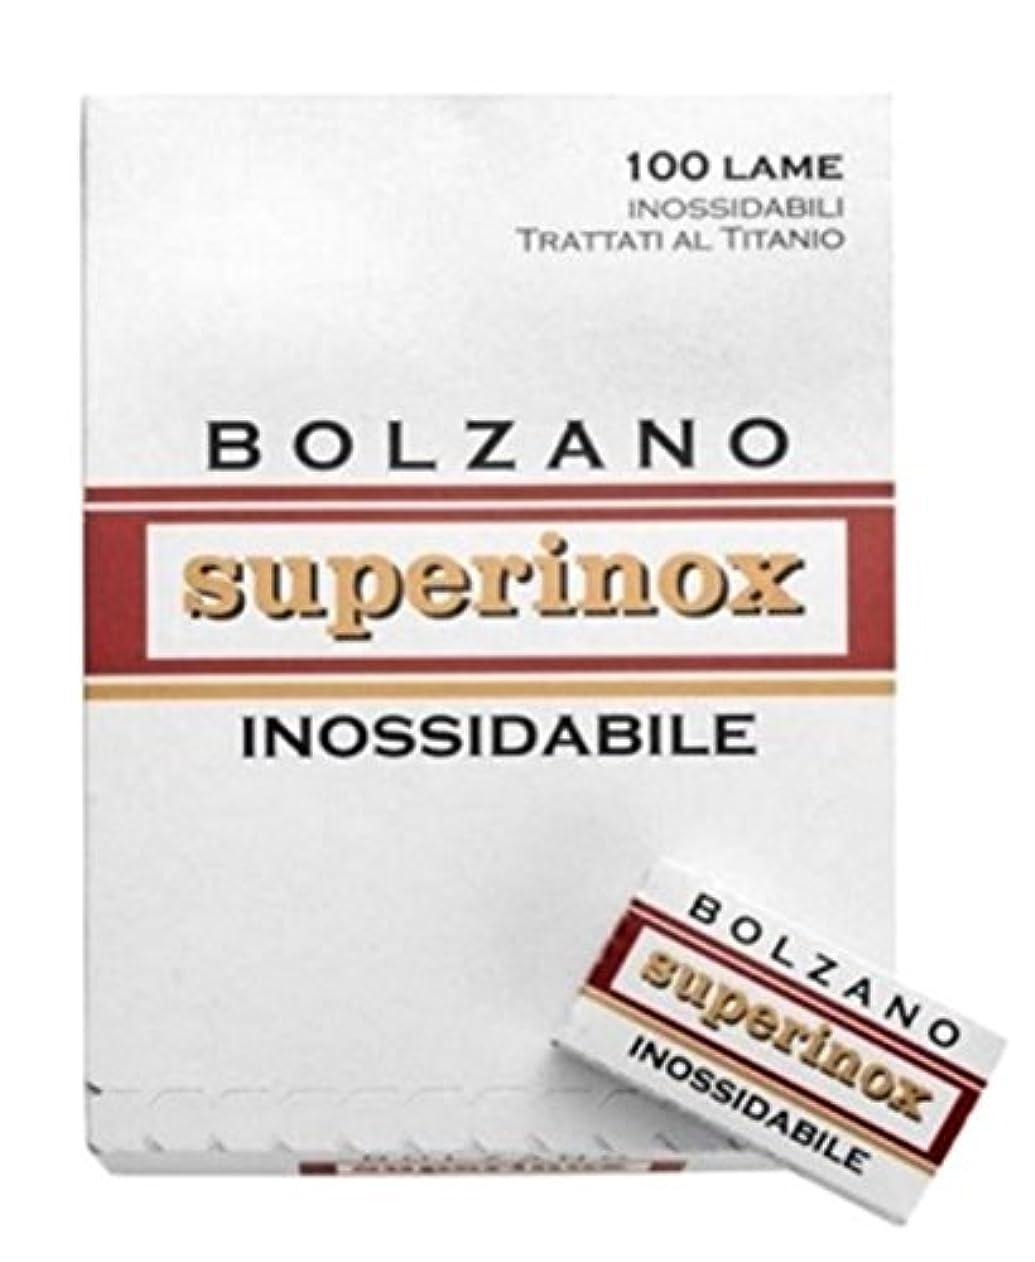 故障有効克服するBolzano Superinox Inossidabile 両刃替刃 100枚入り(5枚入り20 個セット)【並行輸入品】